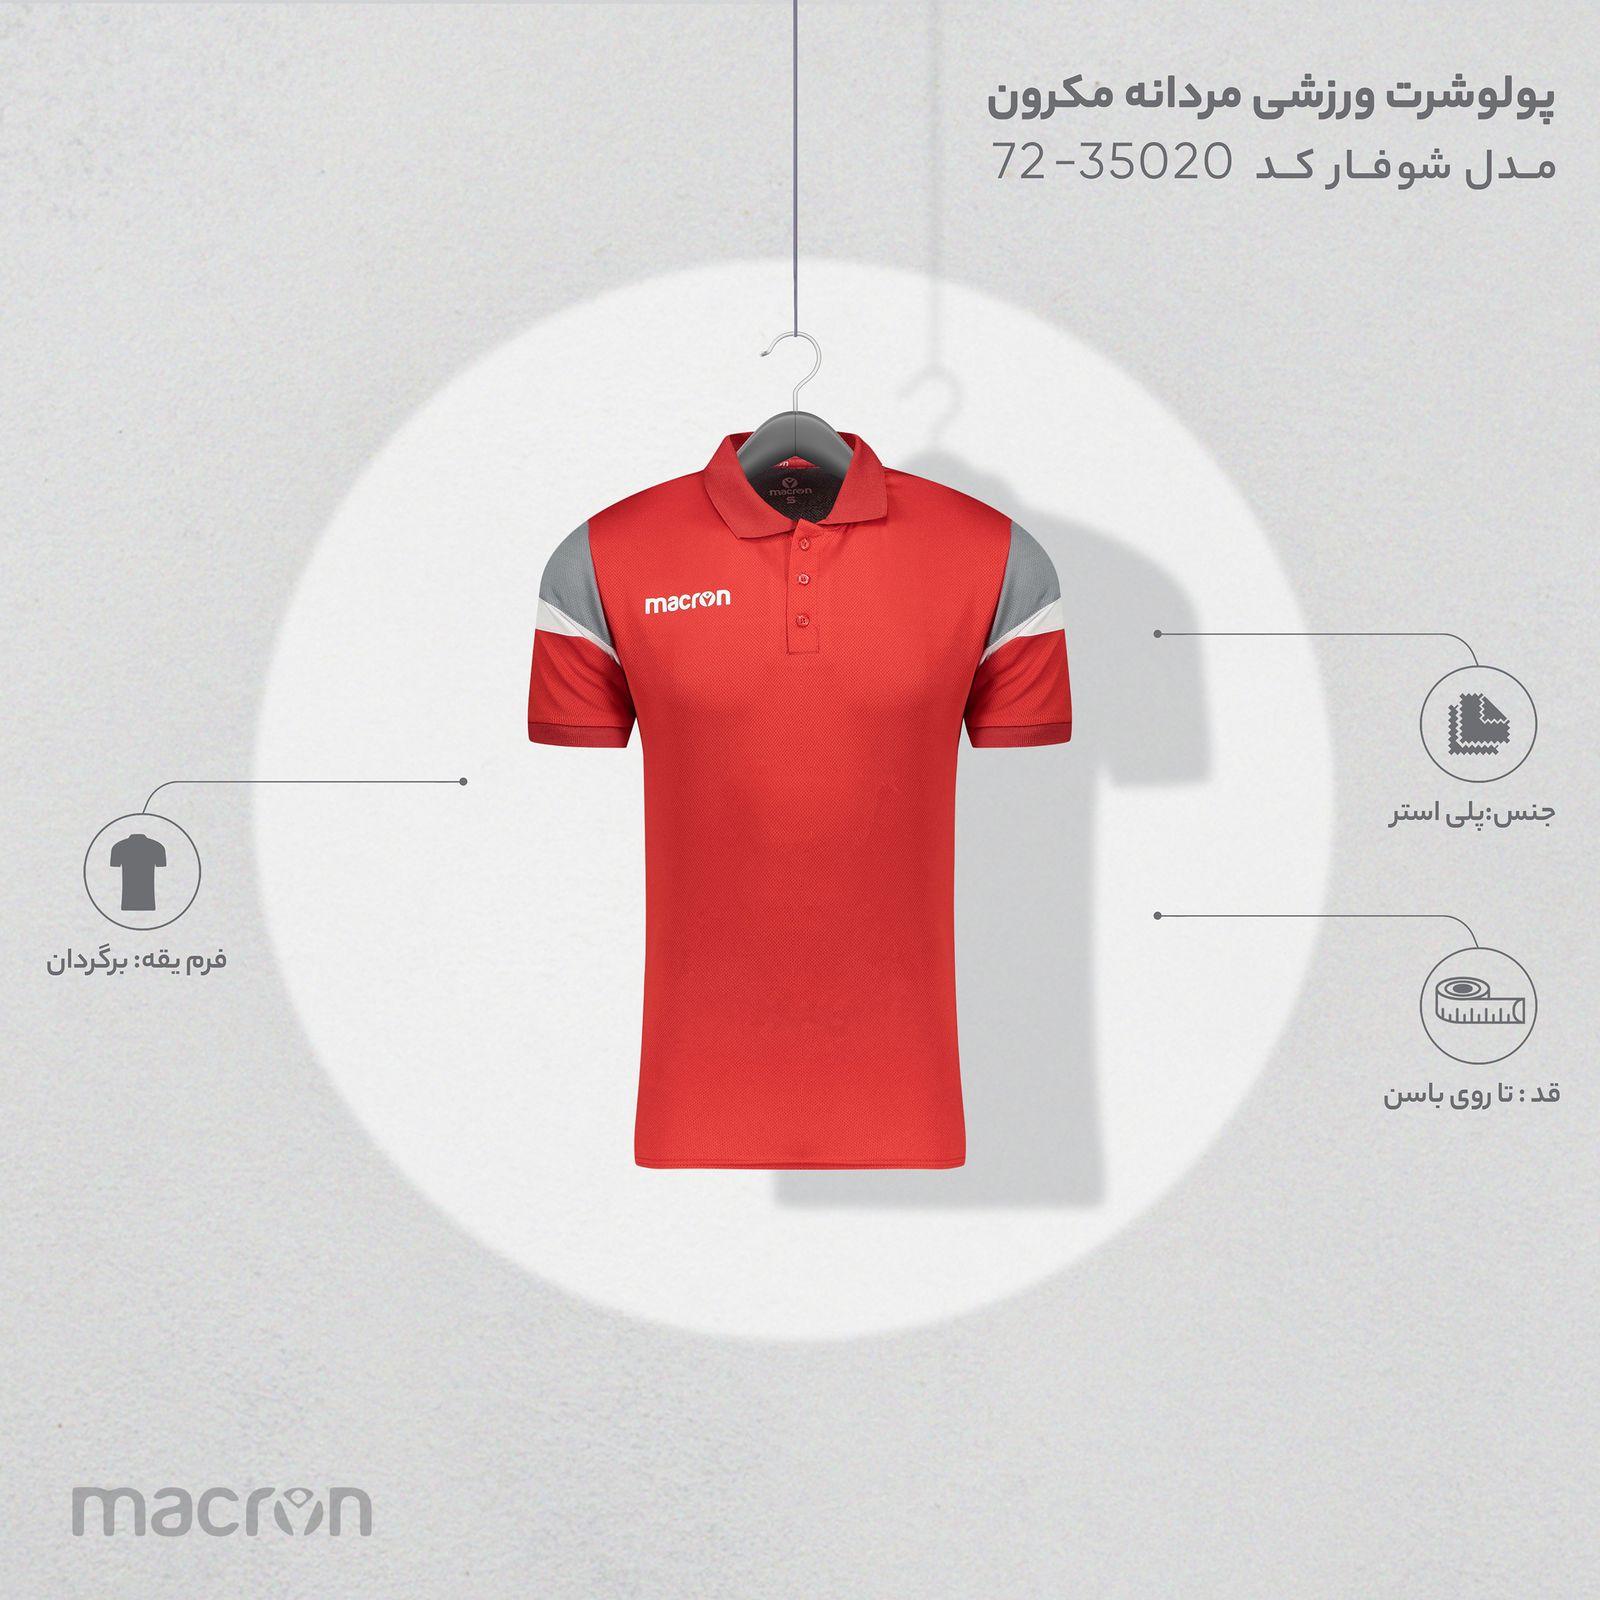 پولوشرت ورزشی مردانه مکرون مدل شوفار کد 35020-72 -  - 9